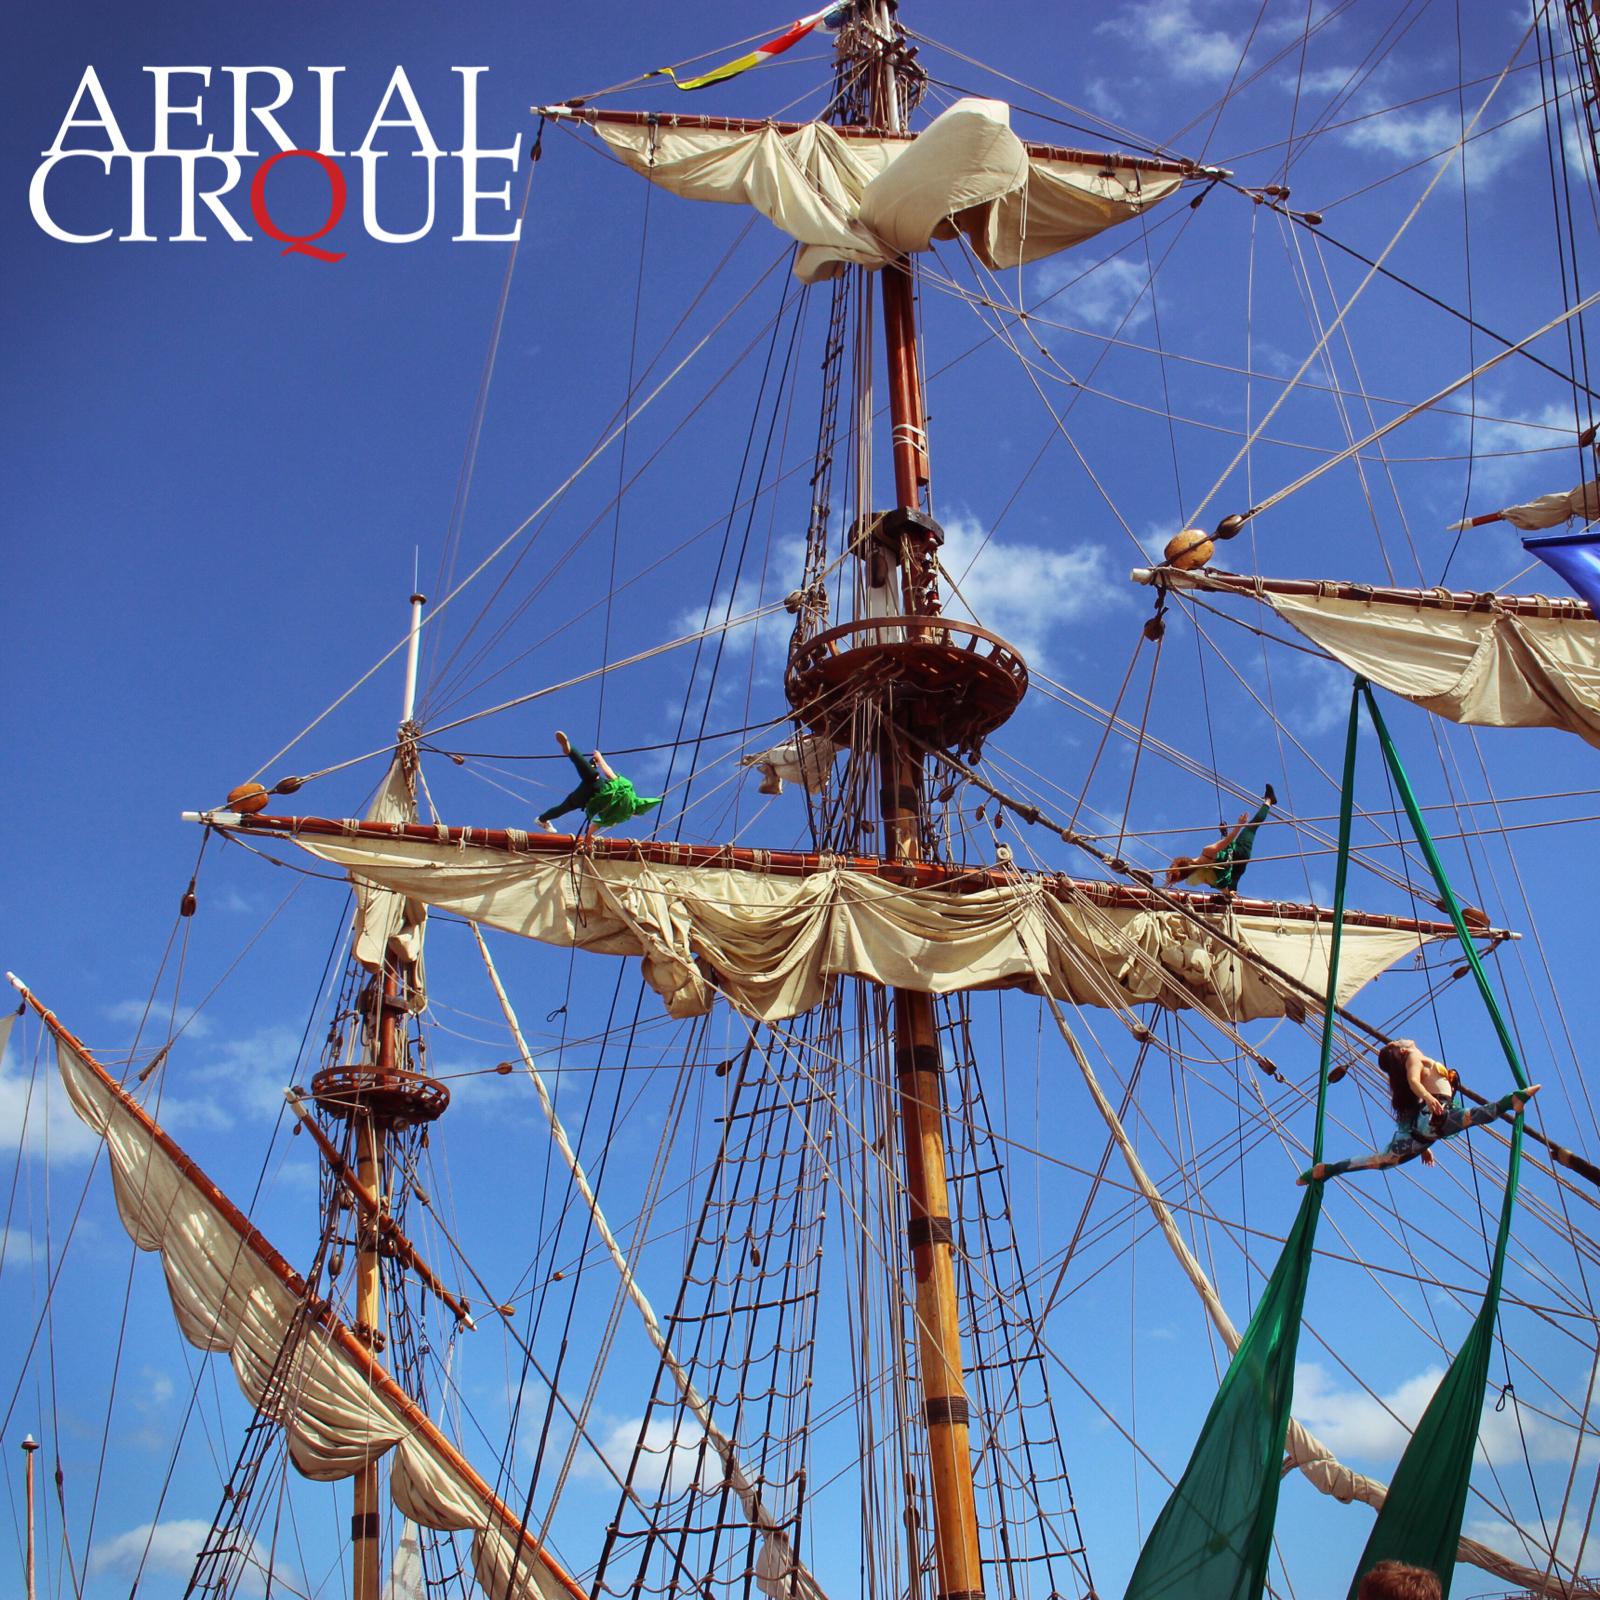 AerialCique_ship2.jpg